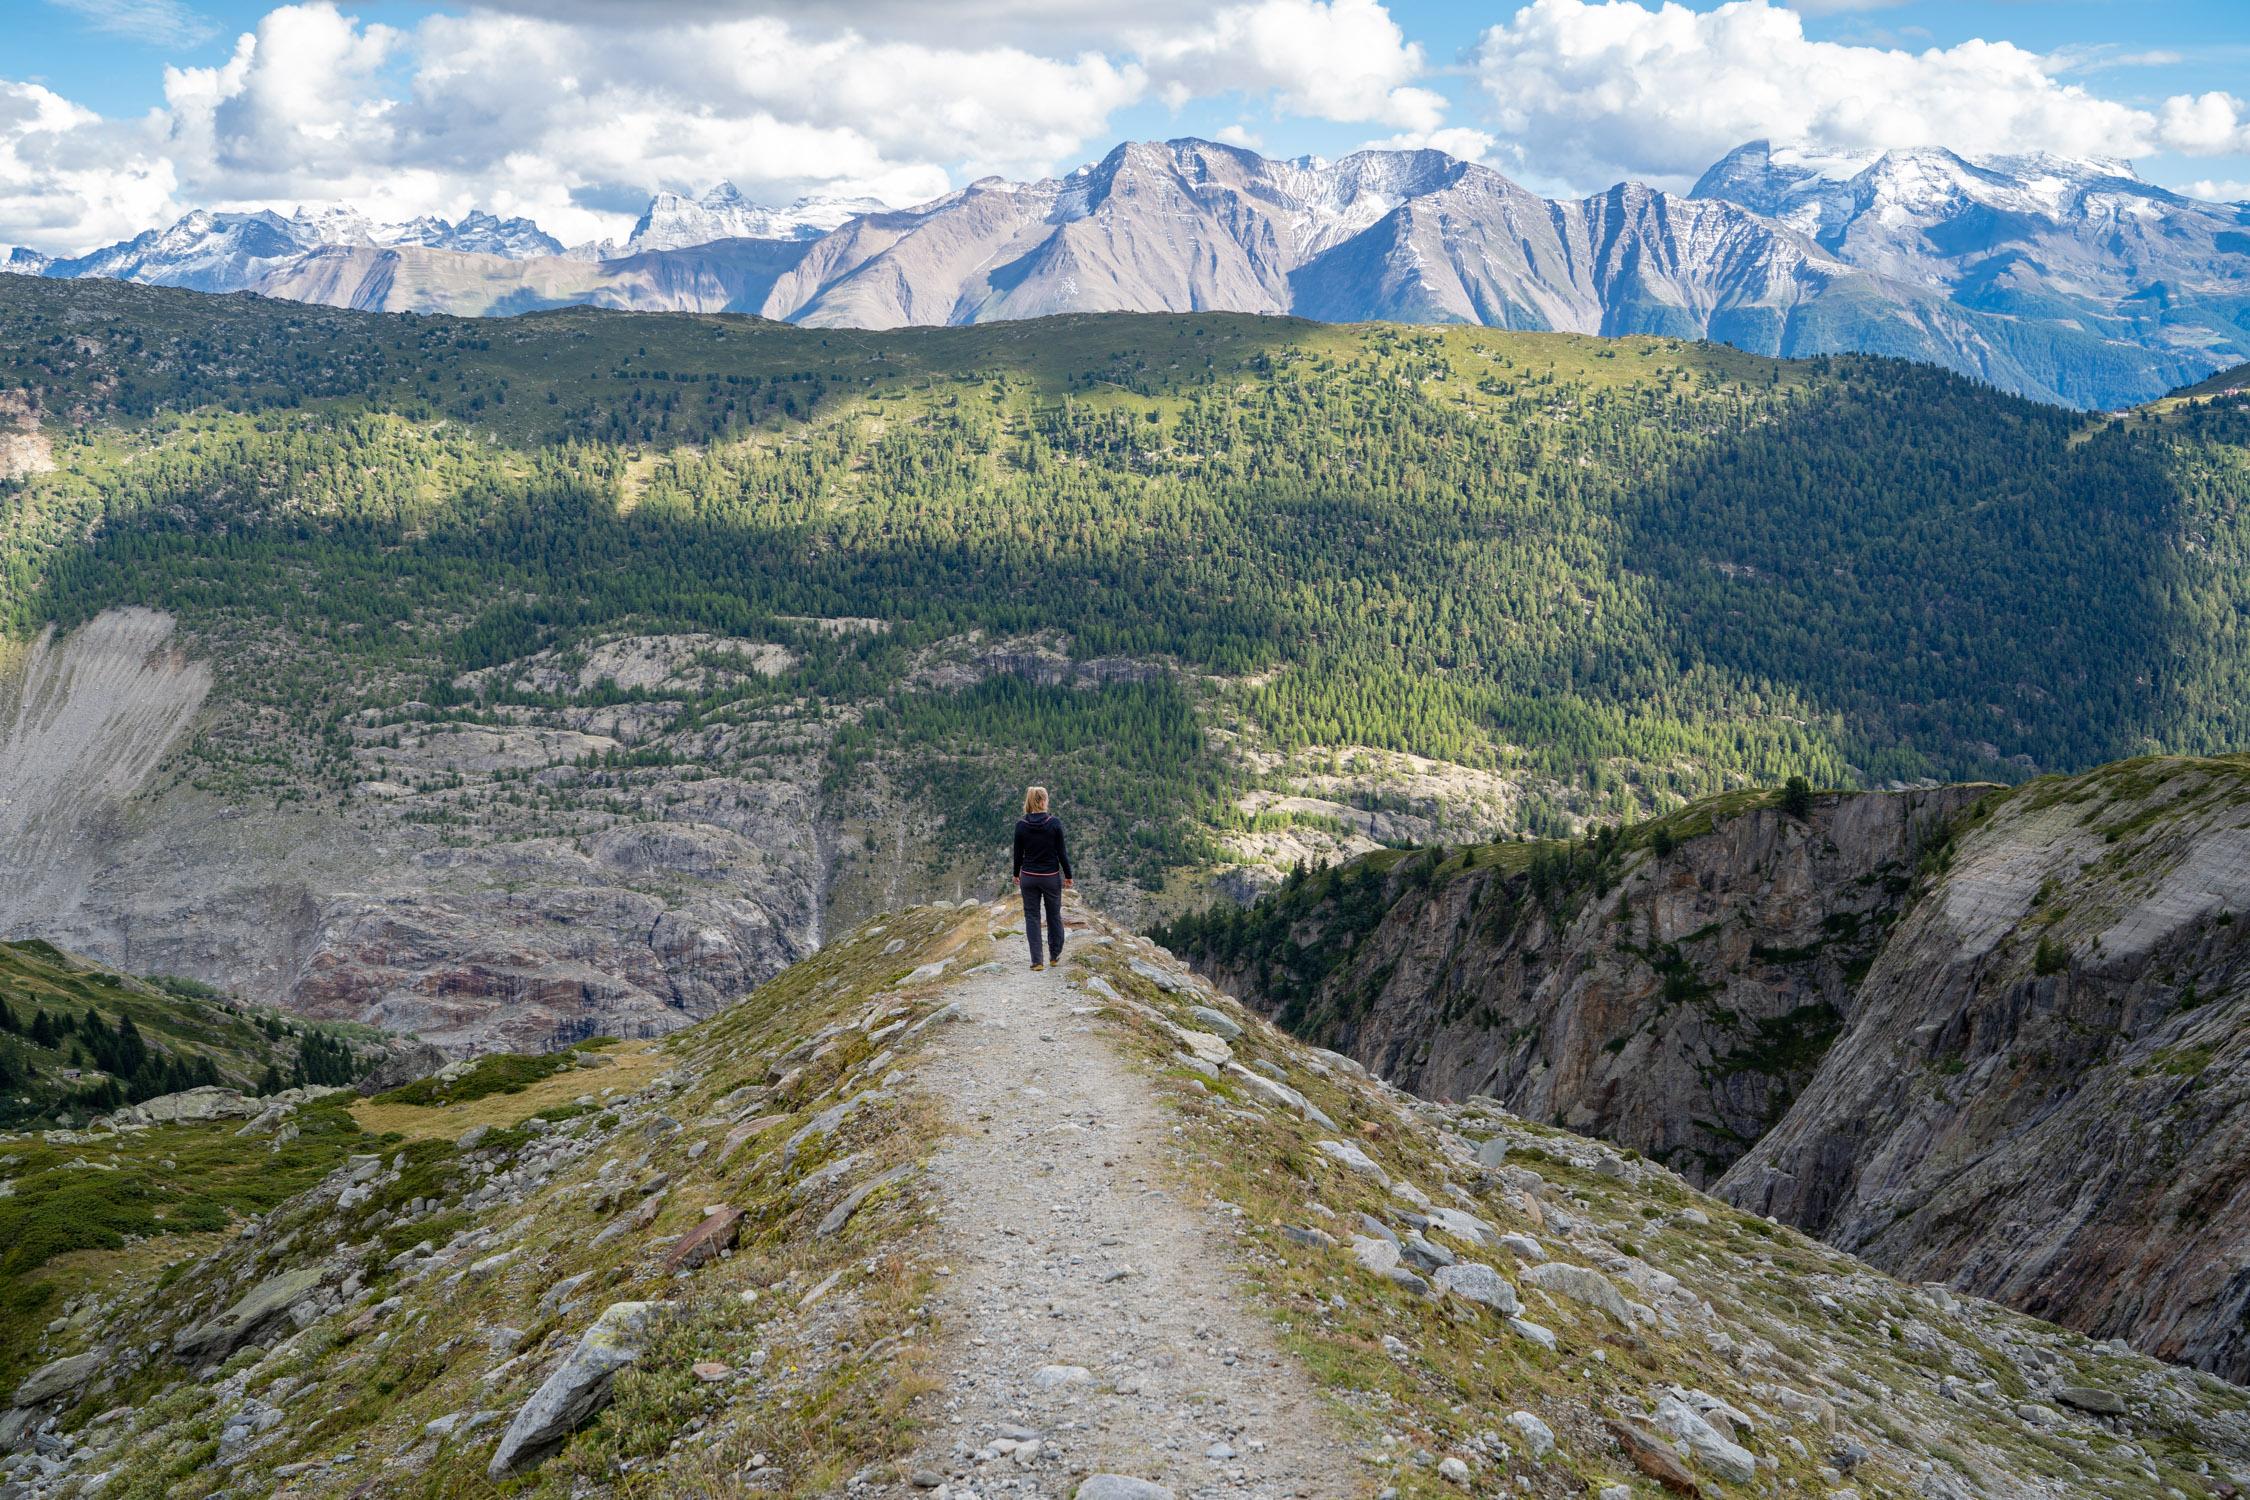 Landschappen in de bergen fotograferen: compositie